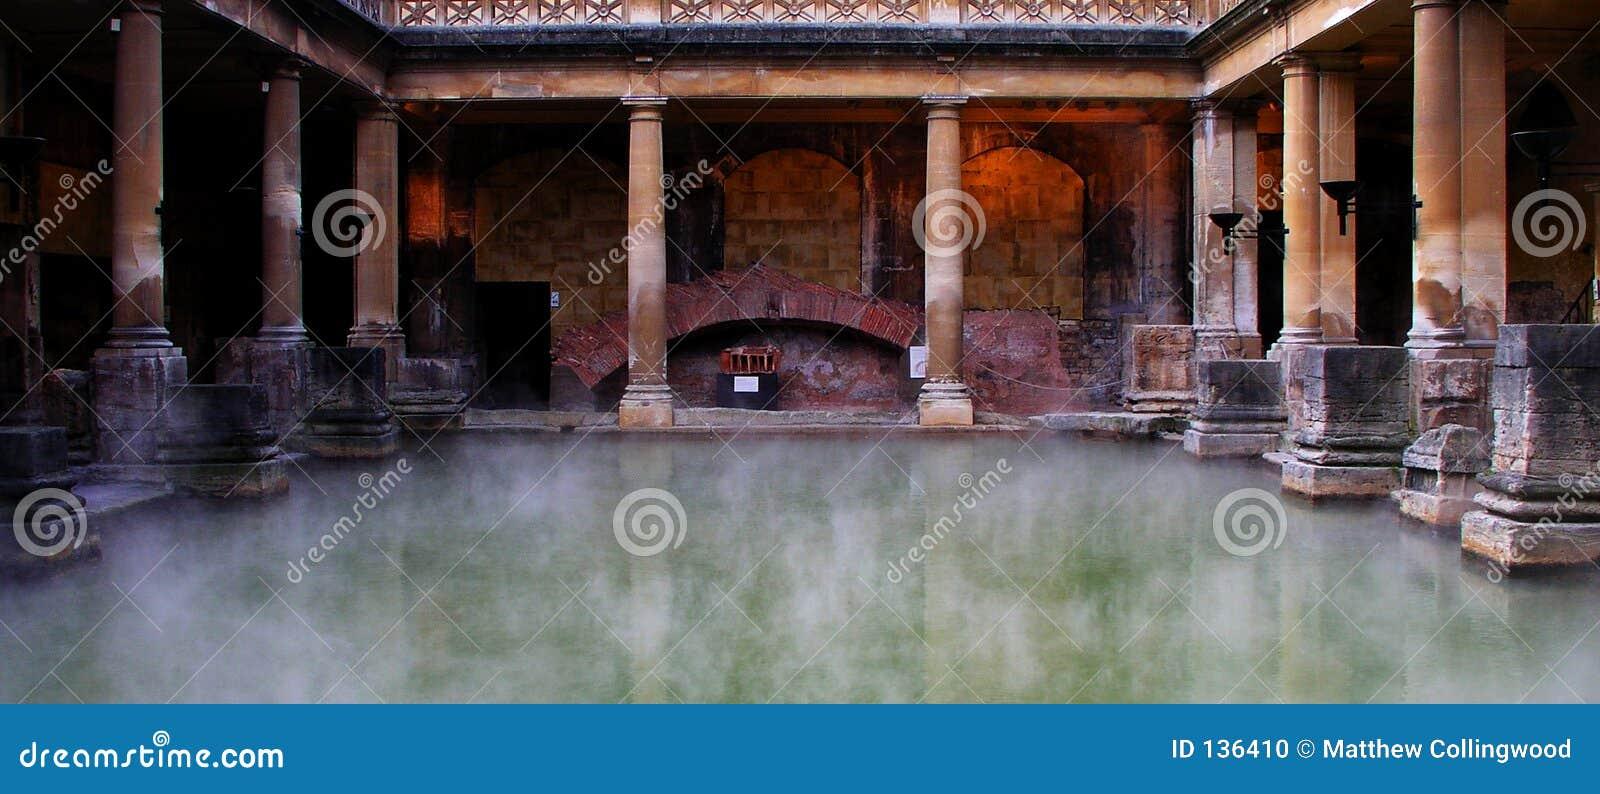 Bagni romani fotografia stock. Immagine di romano, bagno - 136410